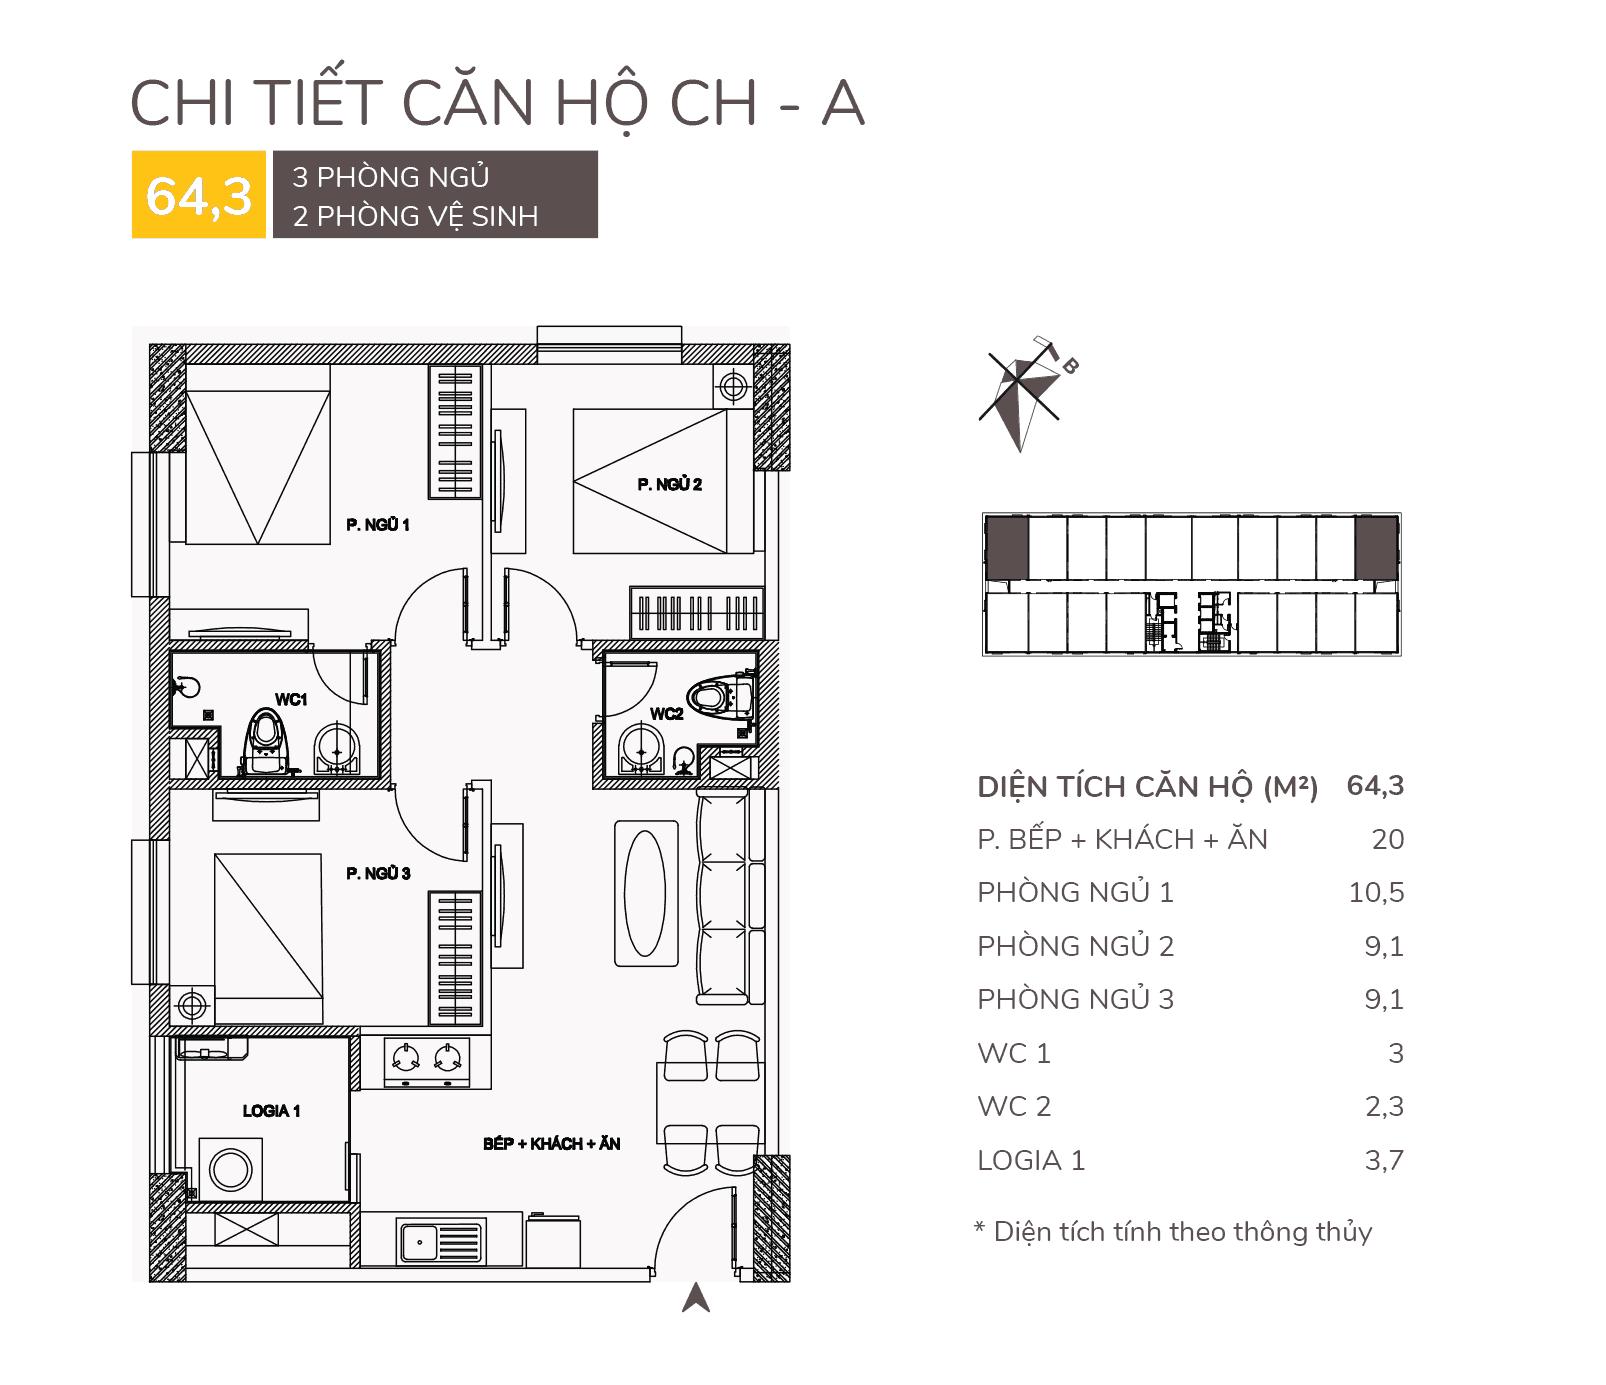 Chi tiết căn hộ CH - A